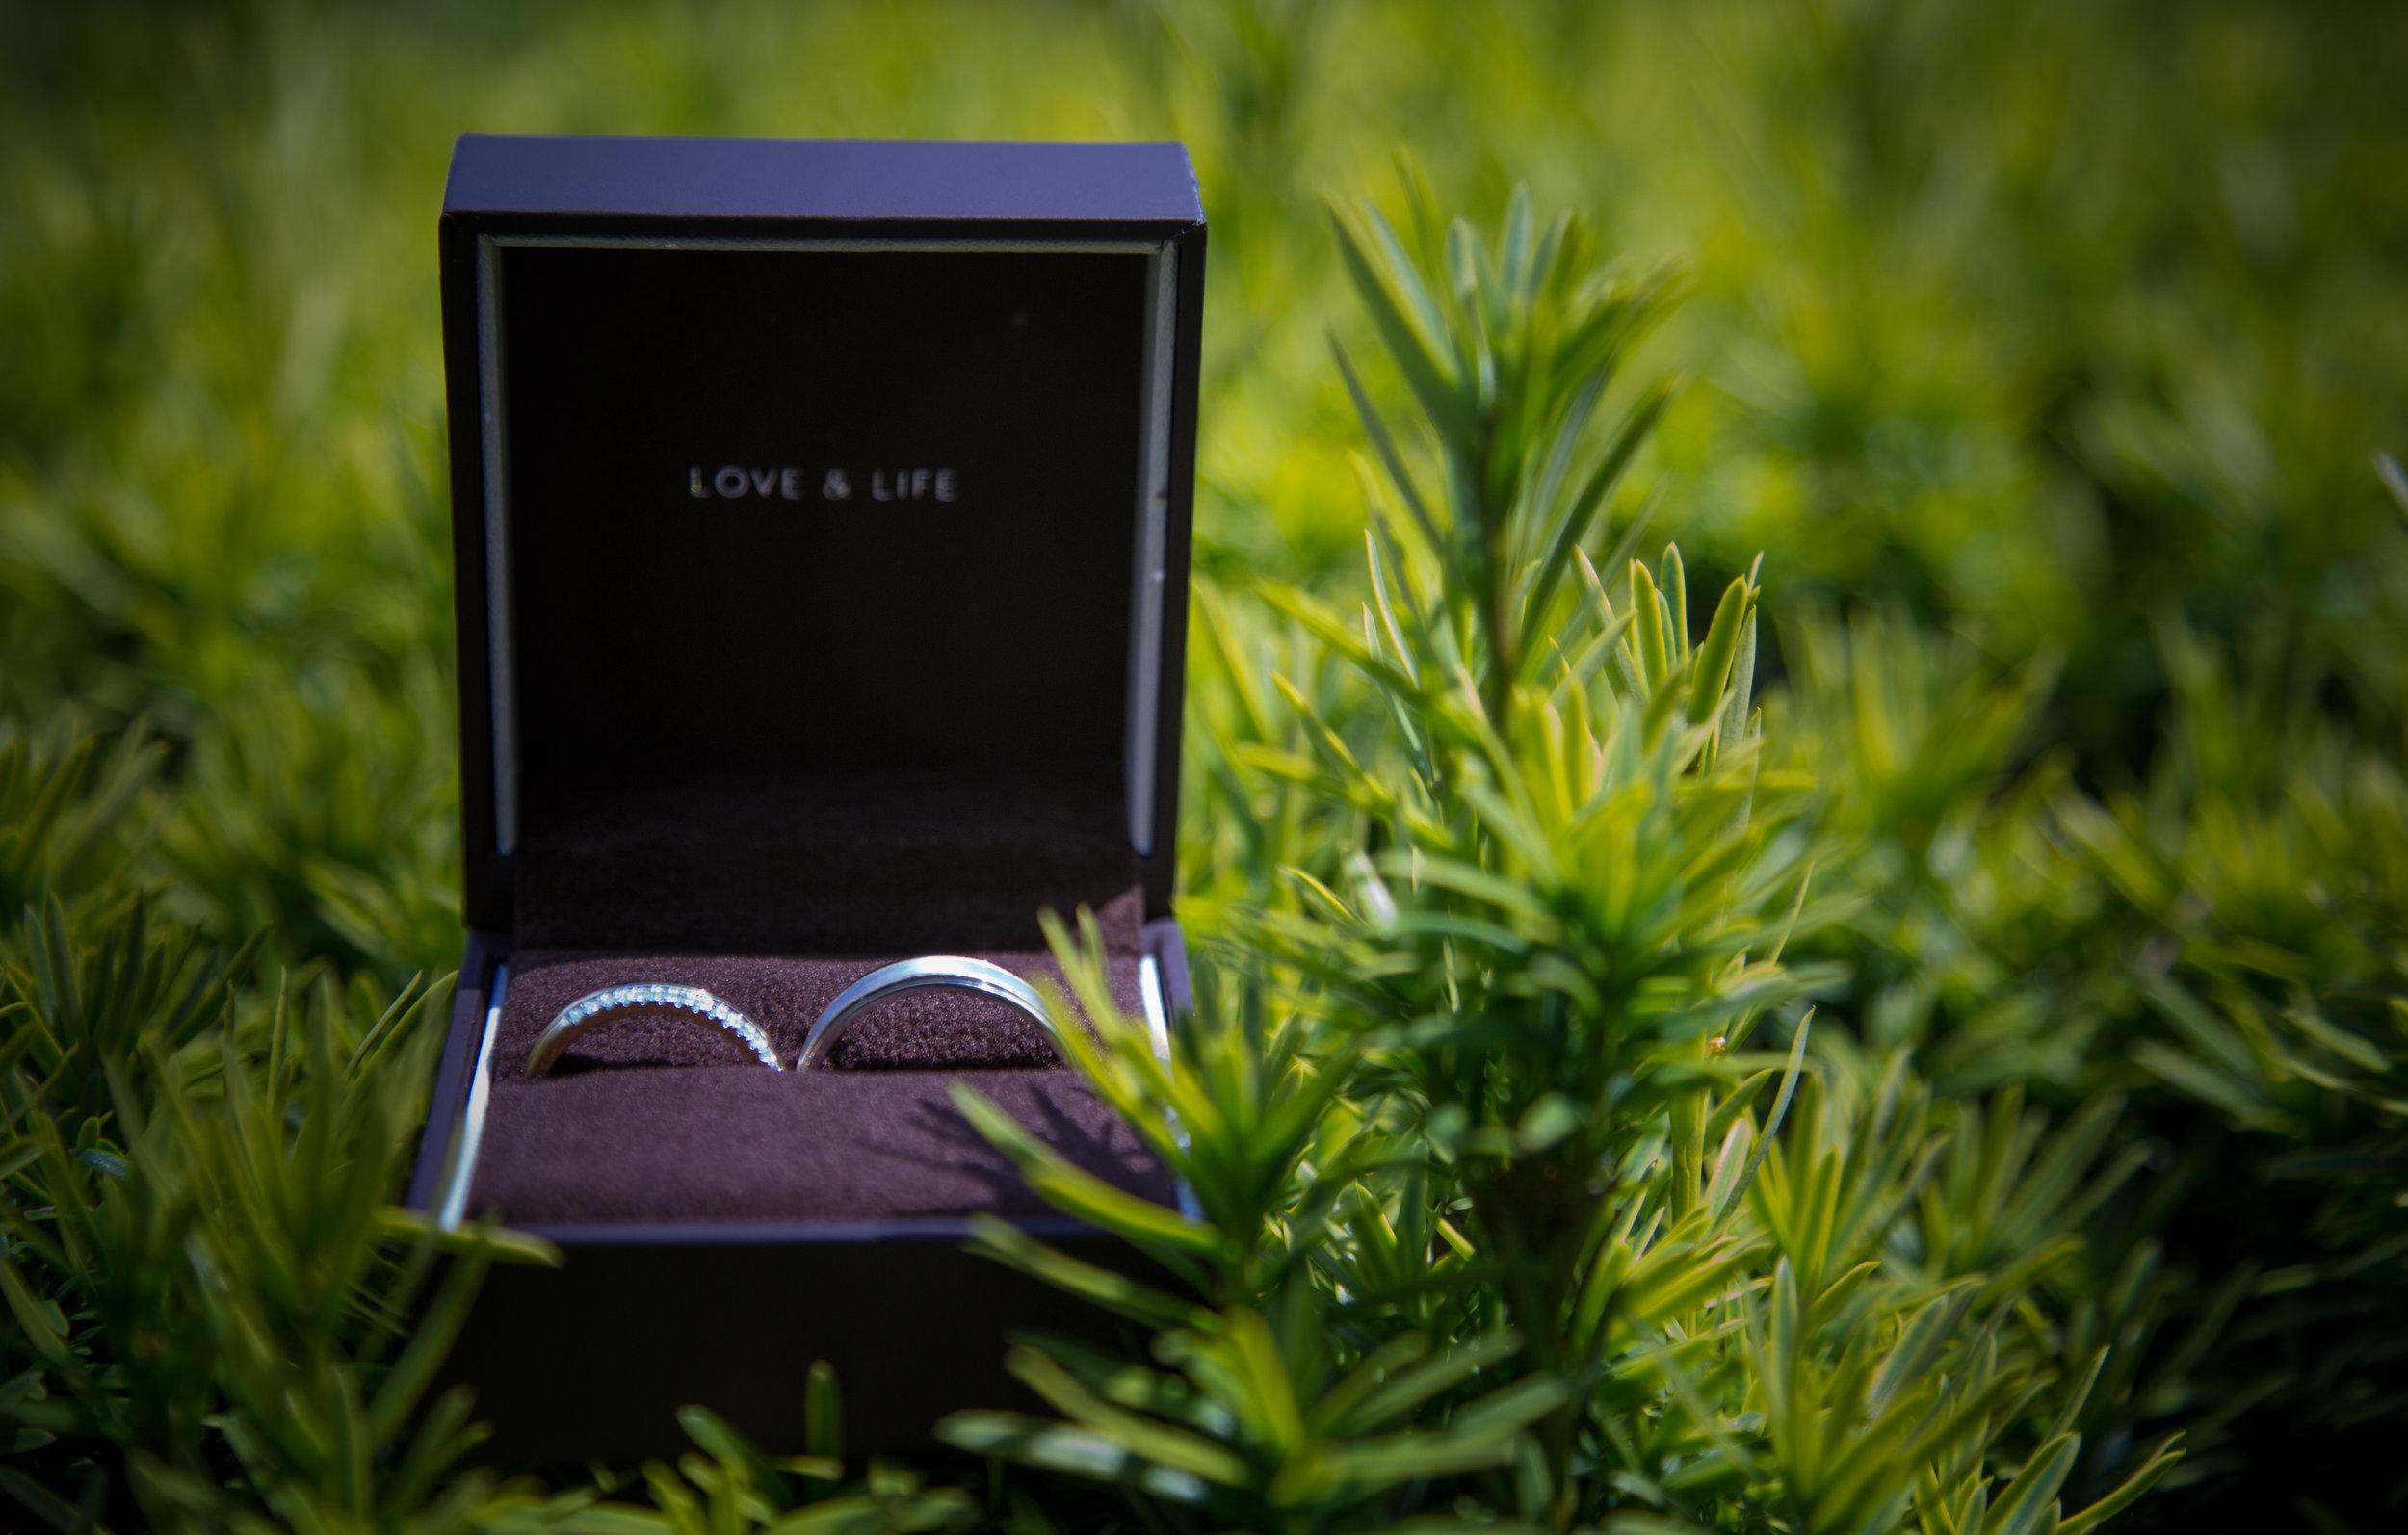 HamptonCourt-Wedding-Weybridge-Surrey-London-OatlandsParkHotel-20